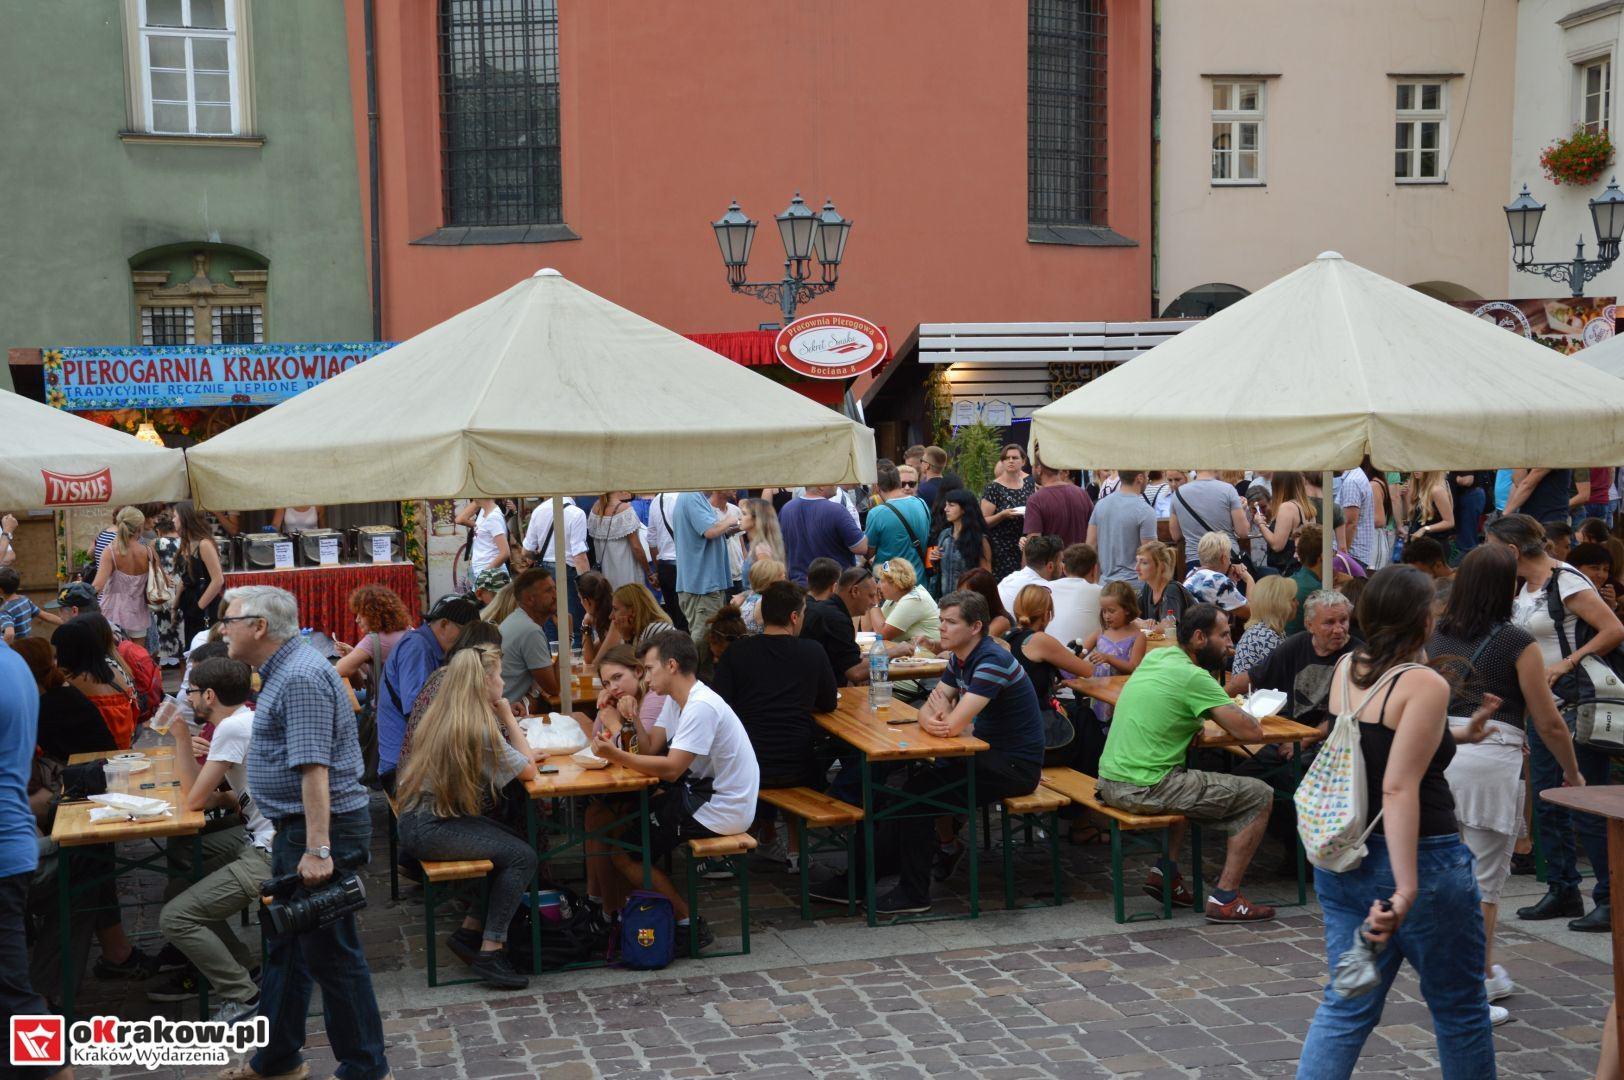 krakow festiwal pierogow maly rynek koncert cheap tobacco 70 150x150 - Galeria zdjęć Festiwal Pierogów Kraków 2018 + zdjęcia z koncertu Cheap Tobacco